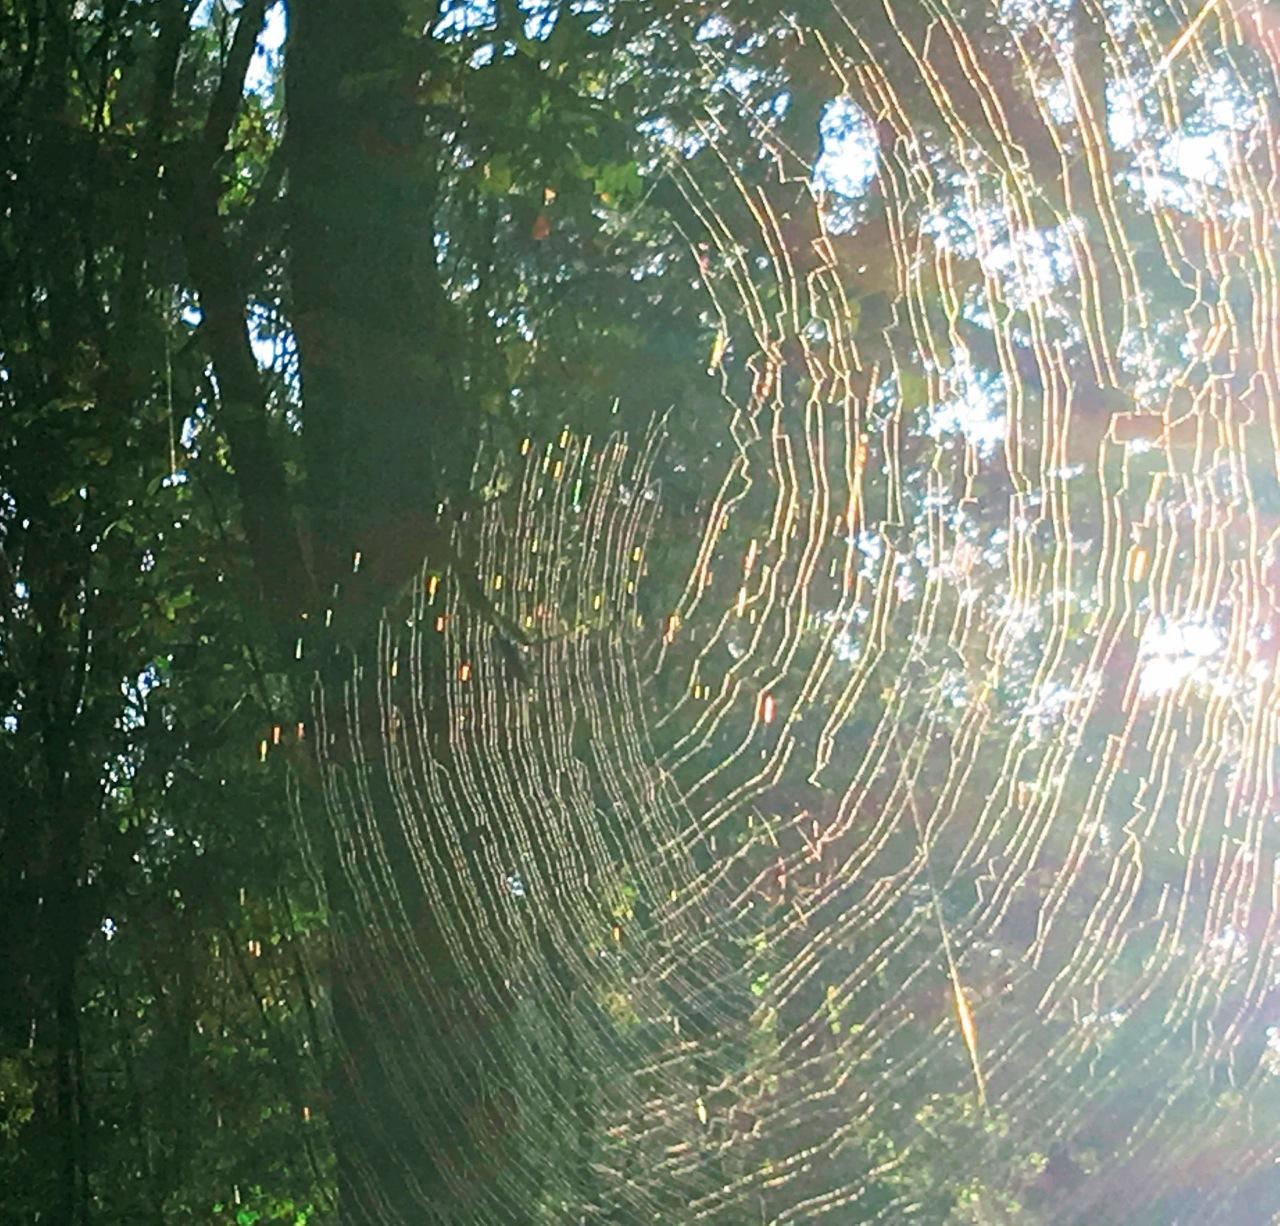 Orb-weaver's web.